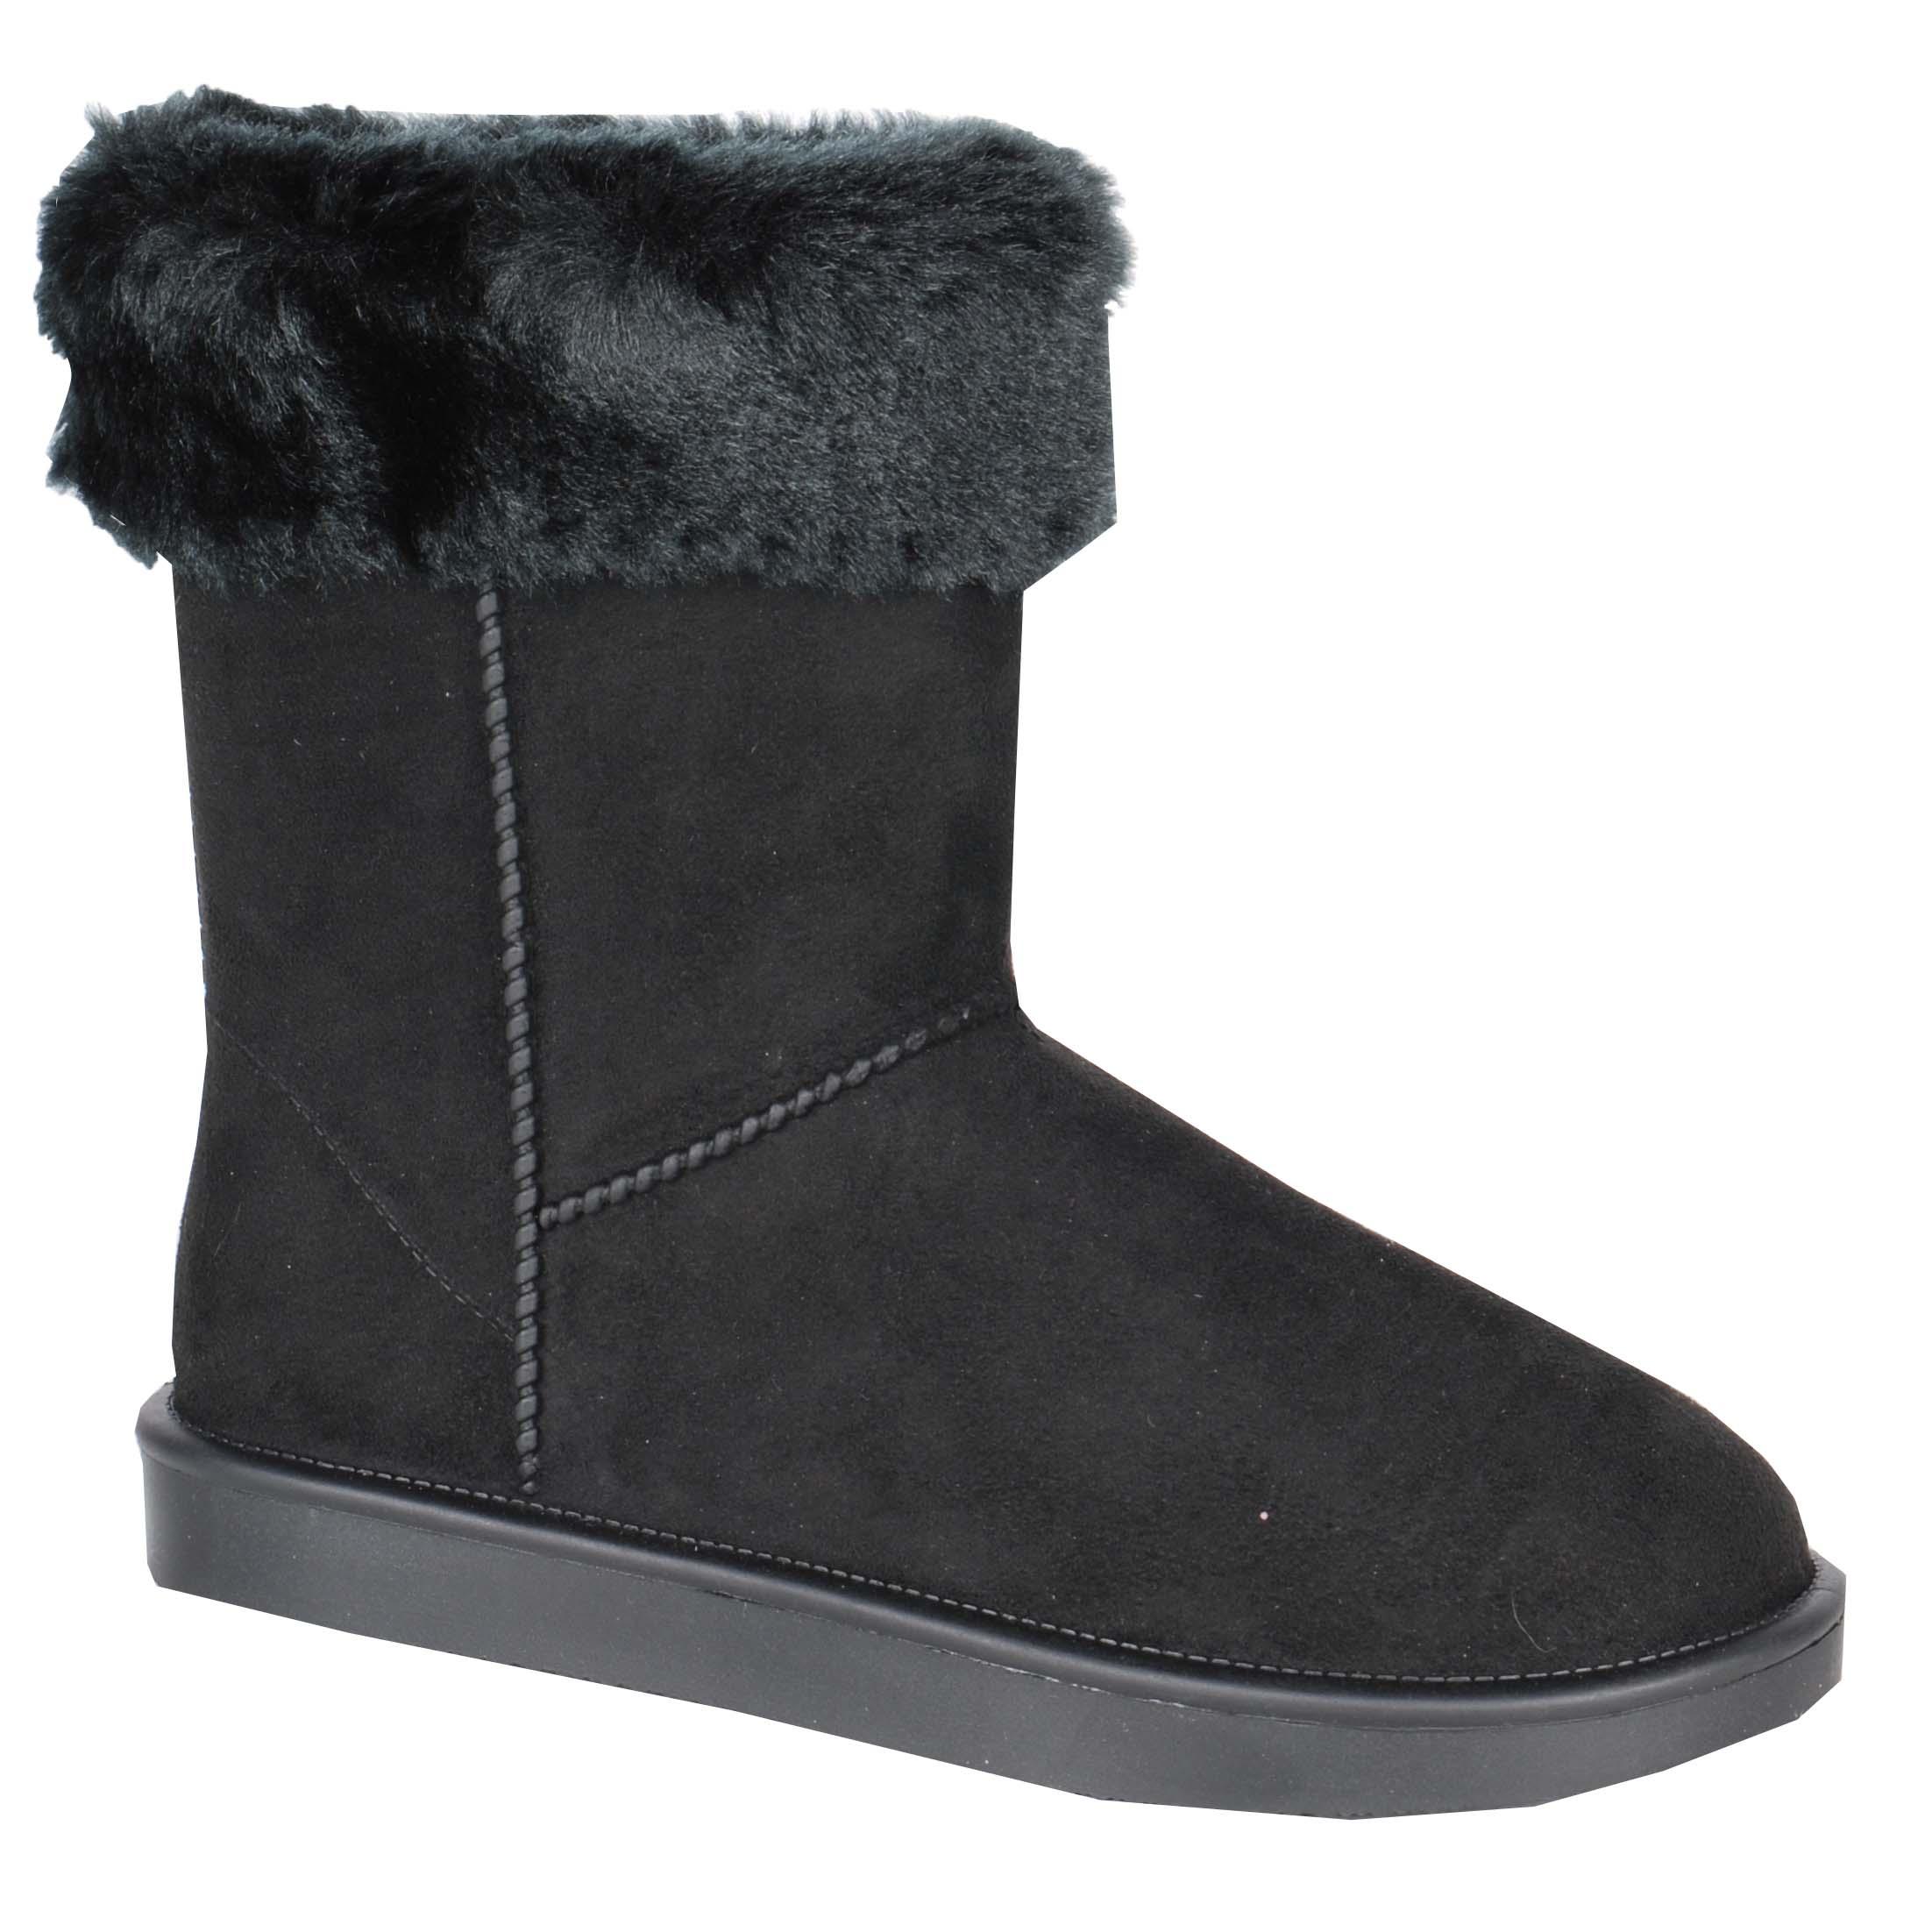 HKM Davos Fur vrijetijds laars zwart maat:39